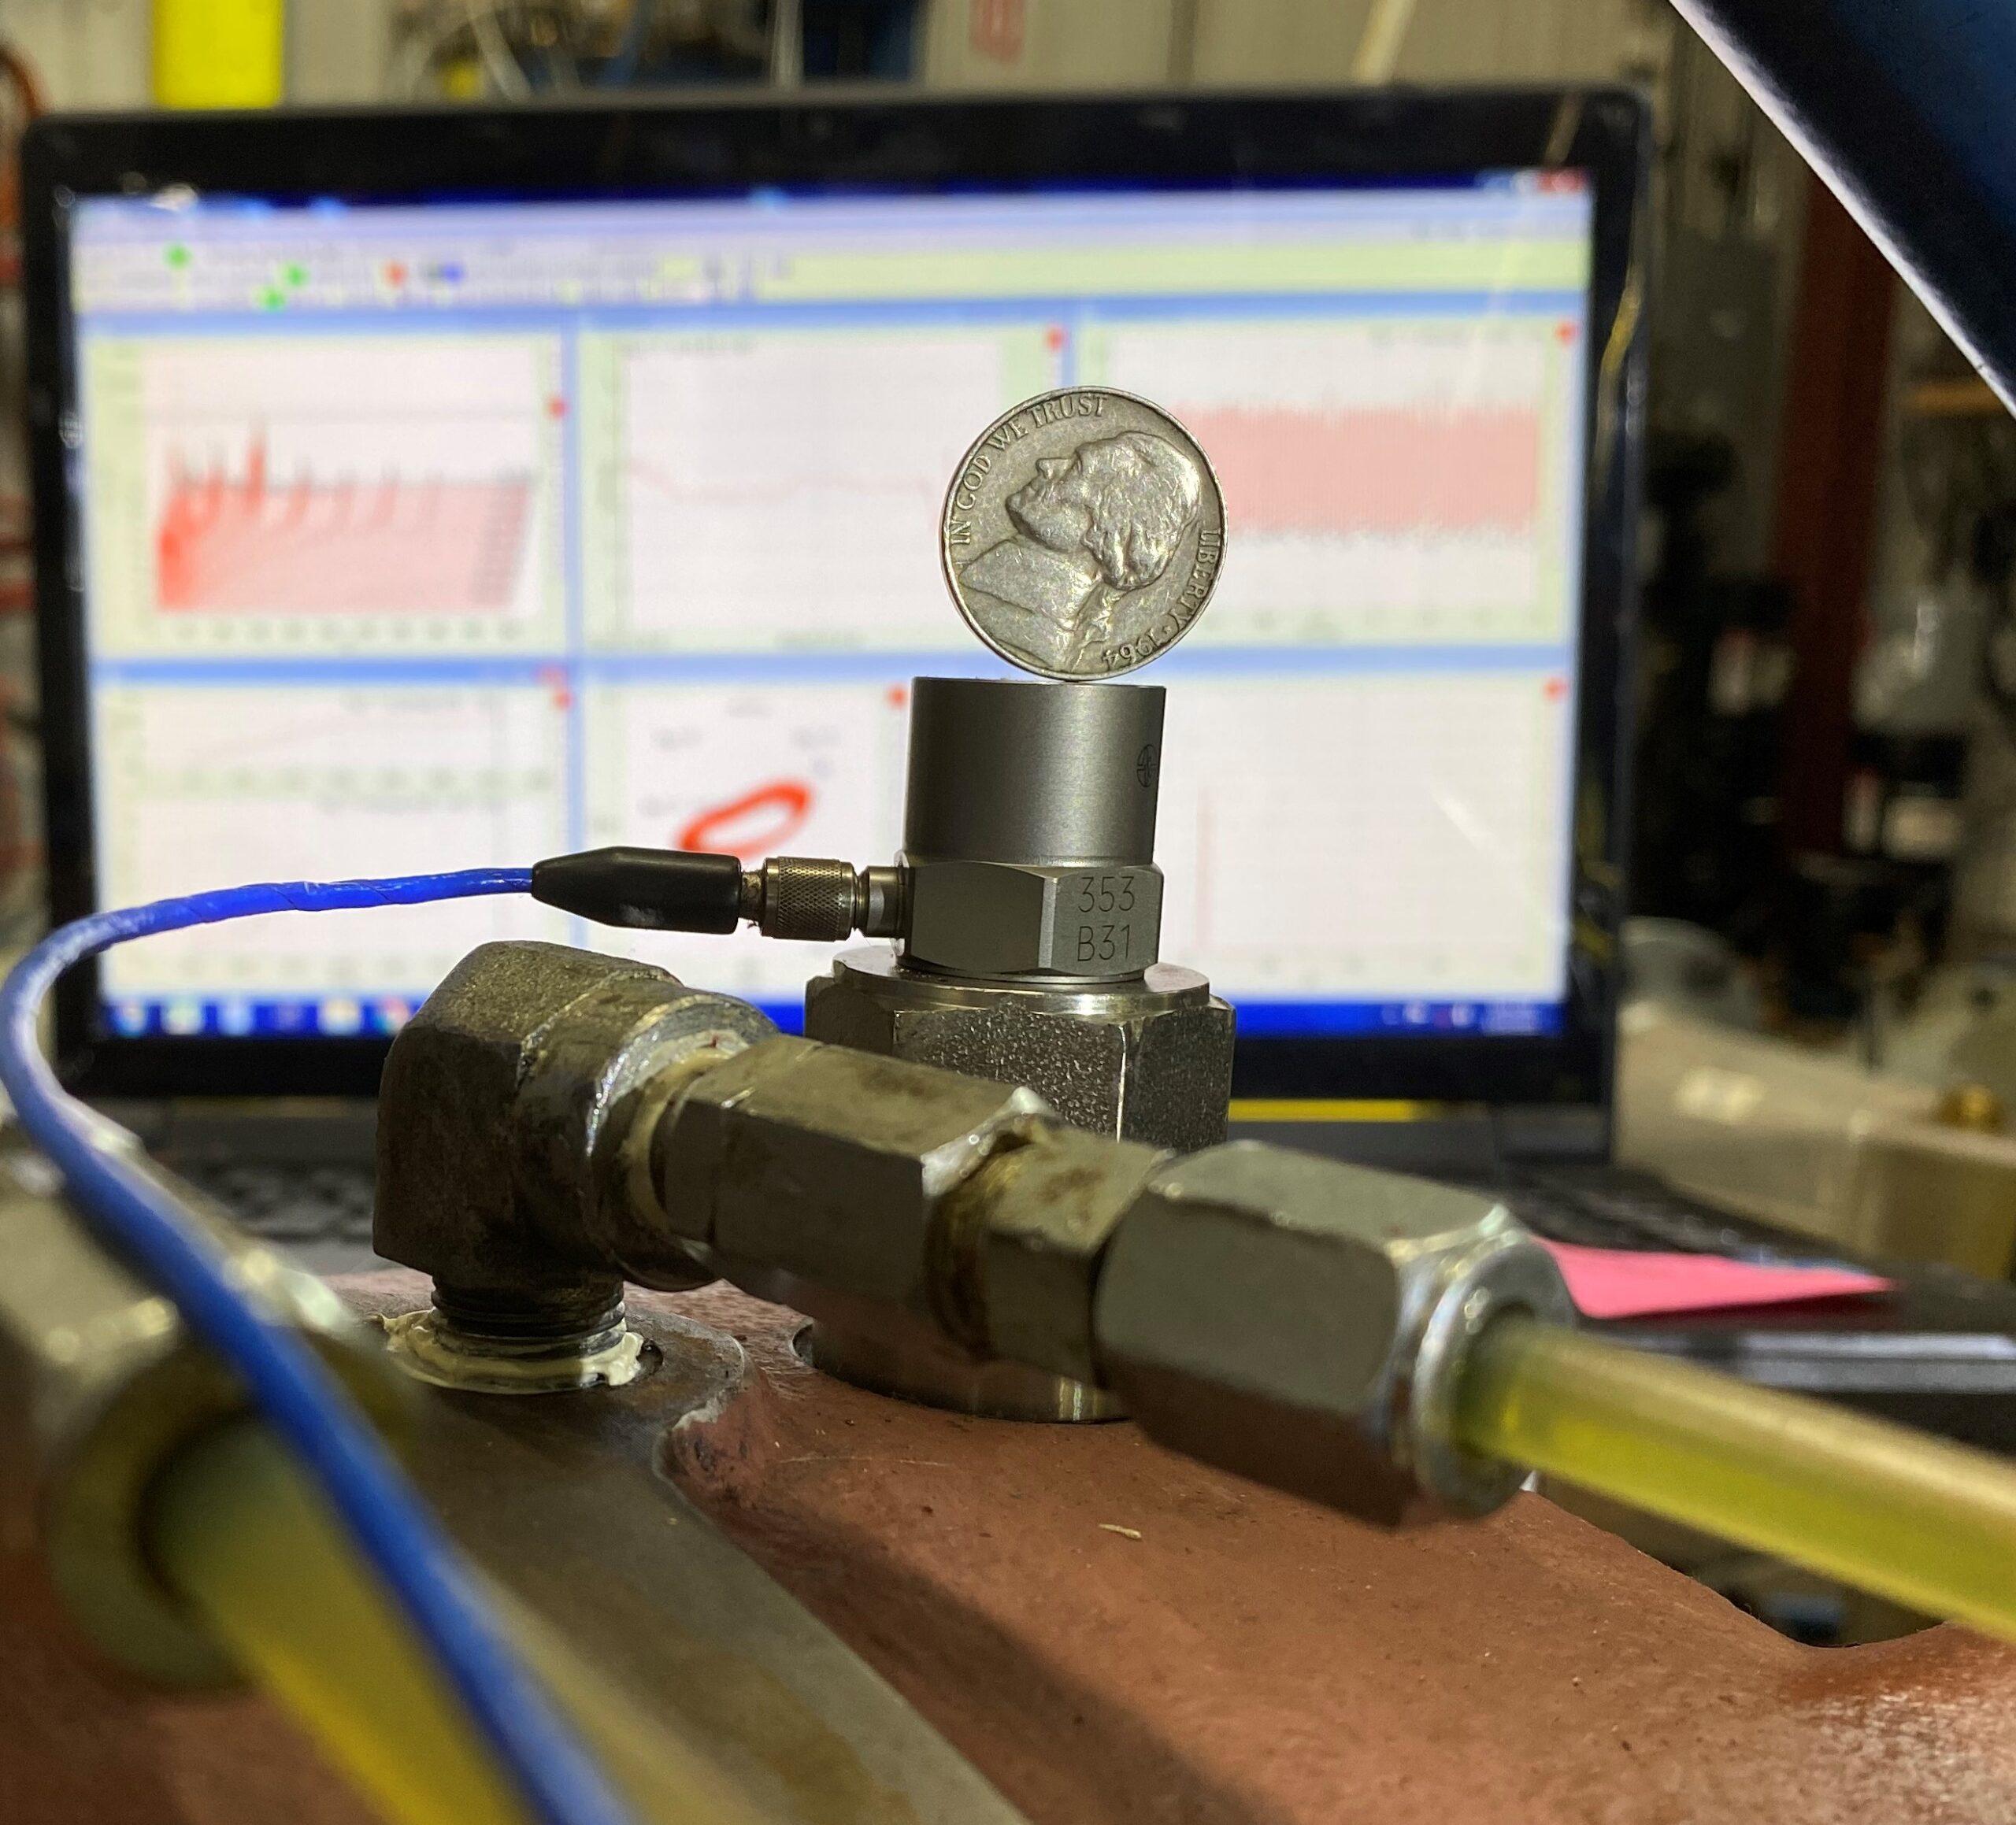 compressor vibration measurement